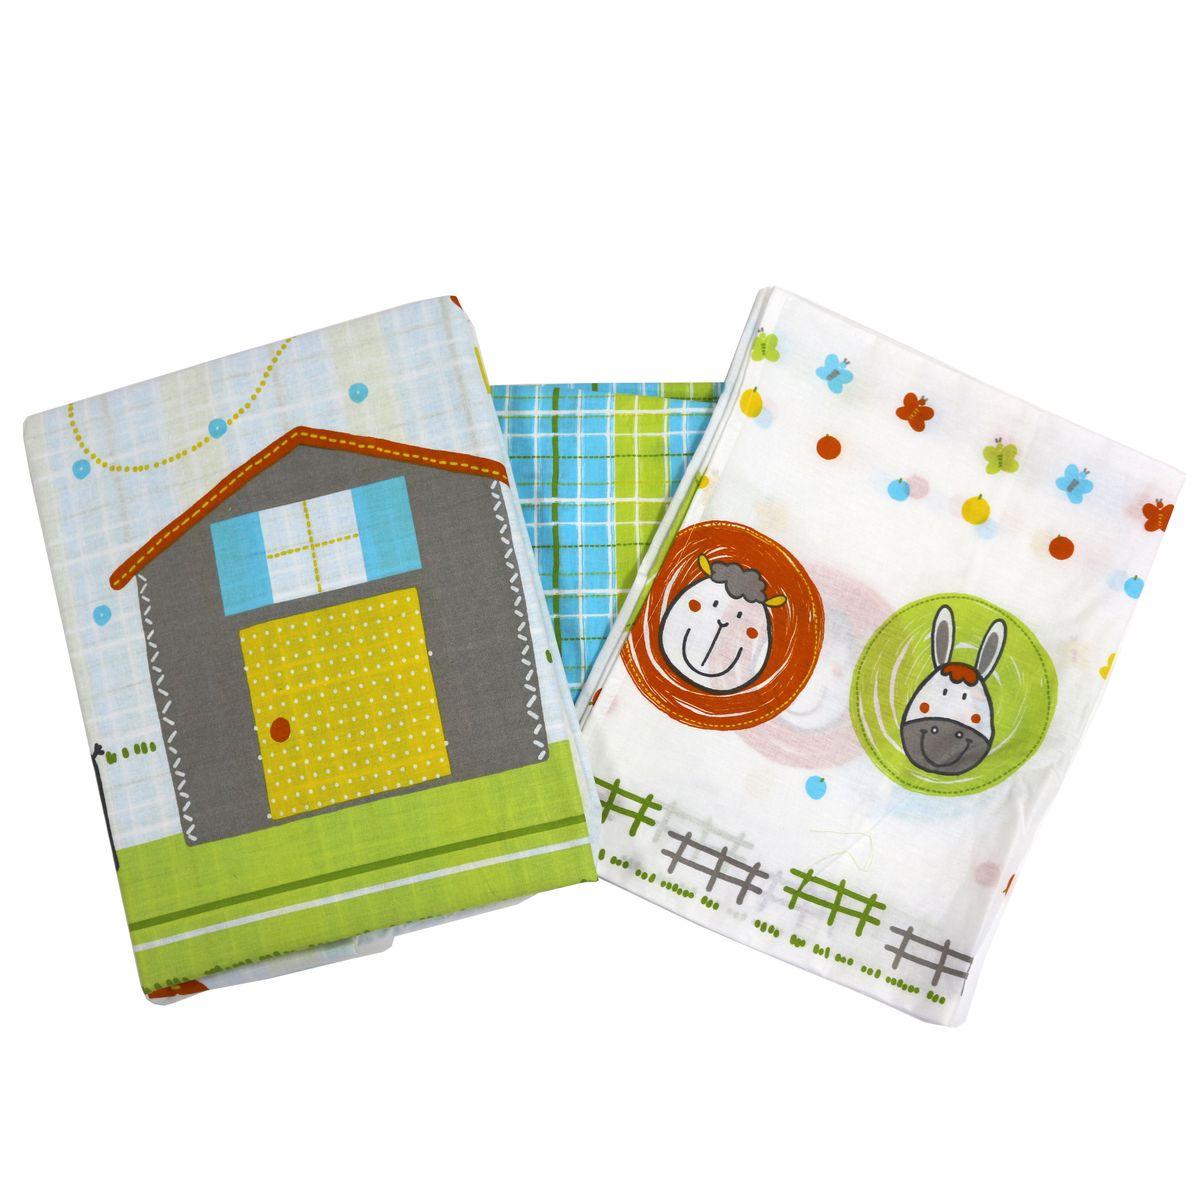 Топотушки Комплект детского постельного белья Ферма цвет зеленый белый 3 предмета4630008875483Комплект с оригинальным рисунком порадует изображенными персонажами малыша. Сменный комплект постельного белья из 3 предметов для детской кроватки.Комплект создает для Вашего ребенка уют, комфорт и безопасную среду с рождения; современный дизайн и цветовые сочетания помогают ребенку адаптироваться в новом для него мире. Комплекты «Топотушки» хорошо вписываются в интерьер, как детской комнаты, так и в спальни родителей.Как и все изделия «Топотушки» данный комплект отражает самые последние технологии, является безопасным для малыша и экологичным. Российское происхождение комплекта гарантирует стабильно высокое качество, соответствие актуальным пожеланиям потребителей, конкурентоспособную цену.Наволочка 40х60см, пододеяльник 147х112см, простынь на резинке 120х60см